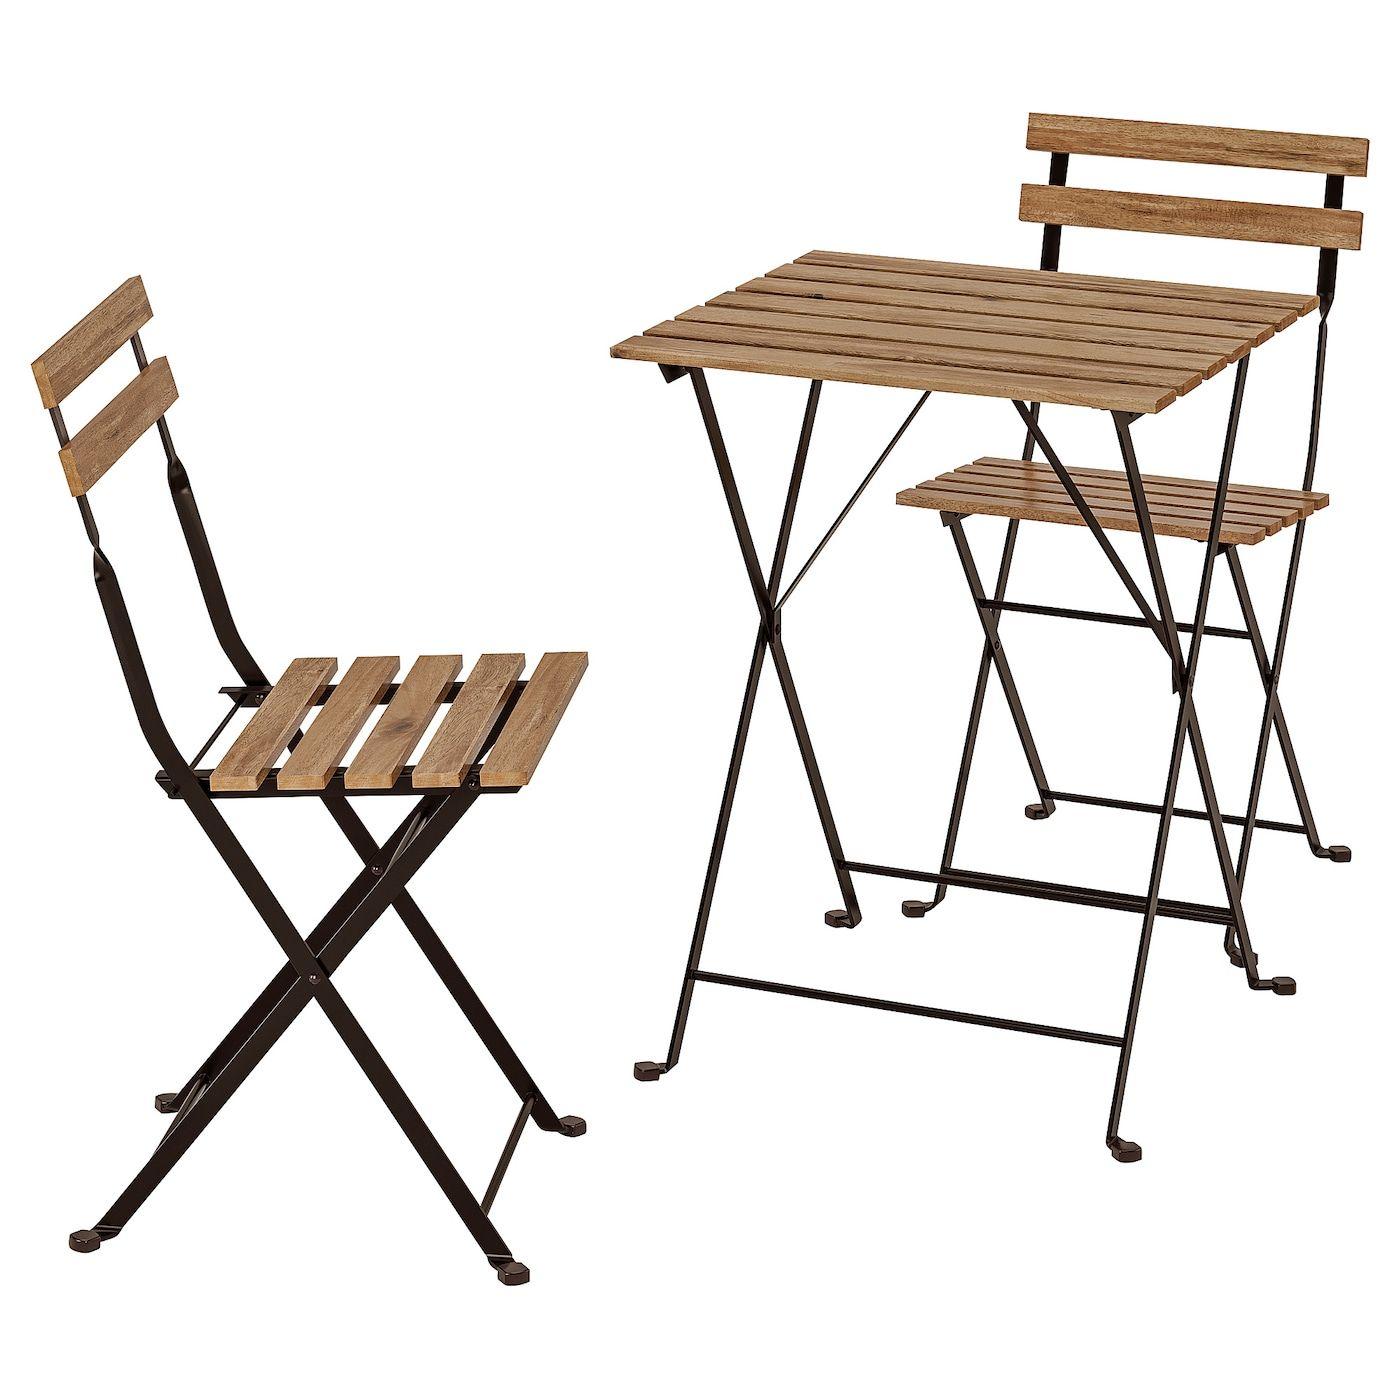 Tarno Tisch 2 Stuhle Aussen Schwarz Akazie Stahl Graubraun